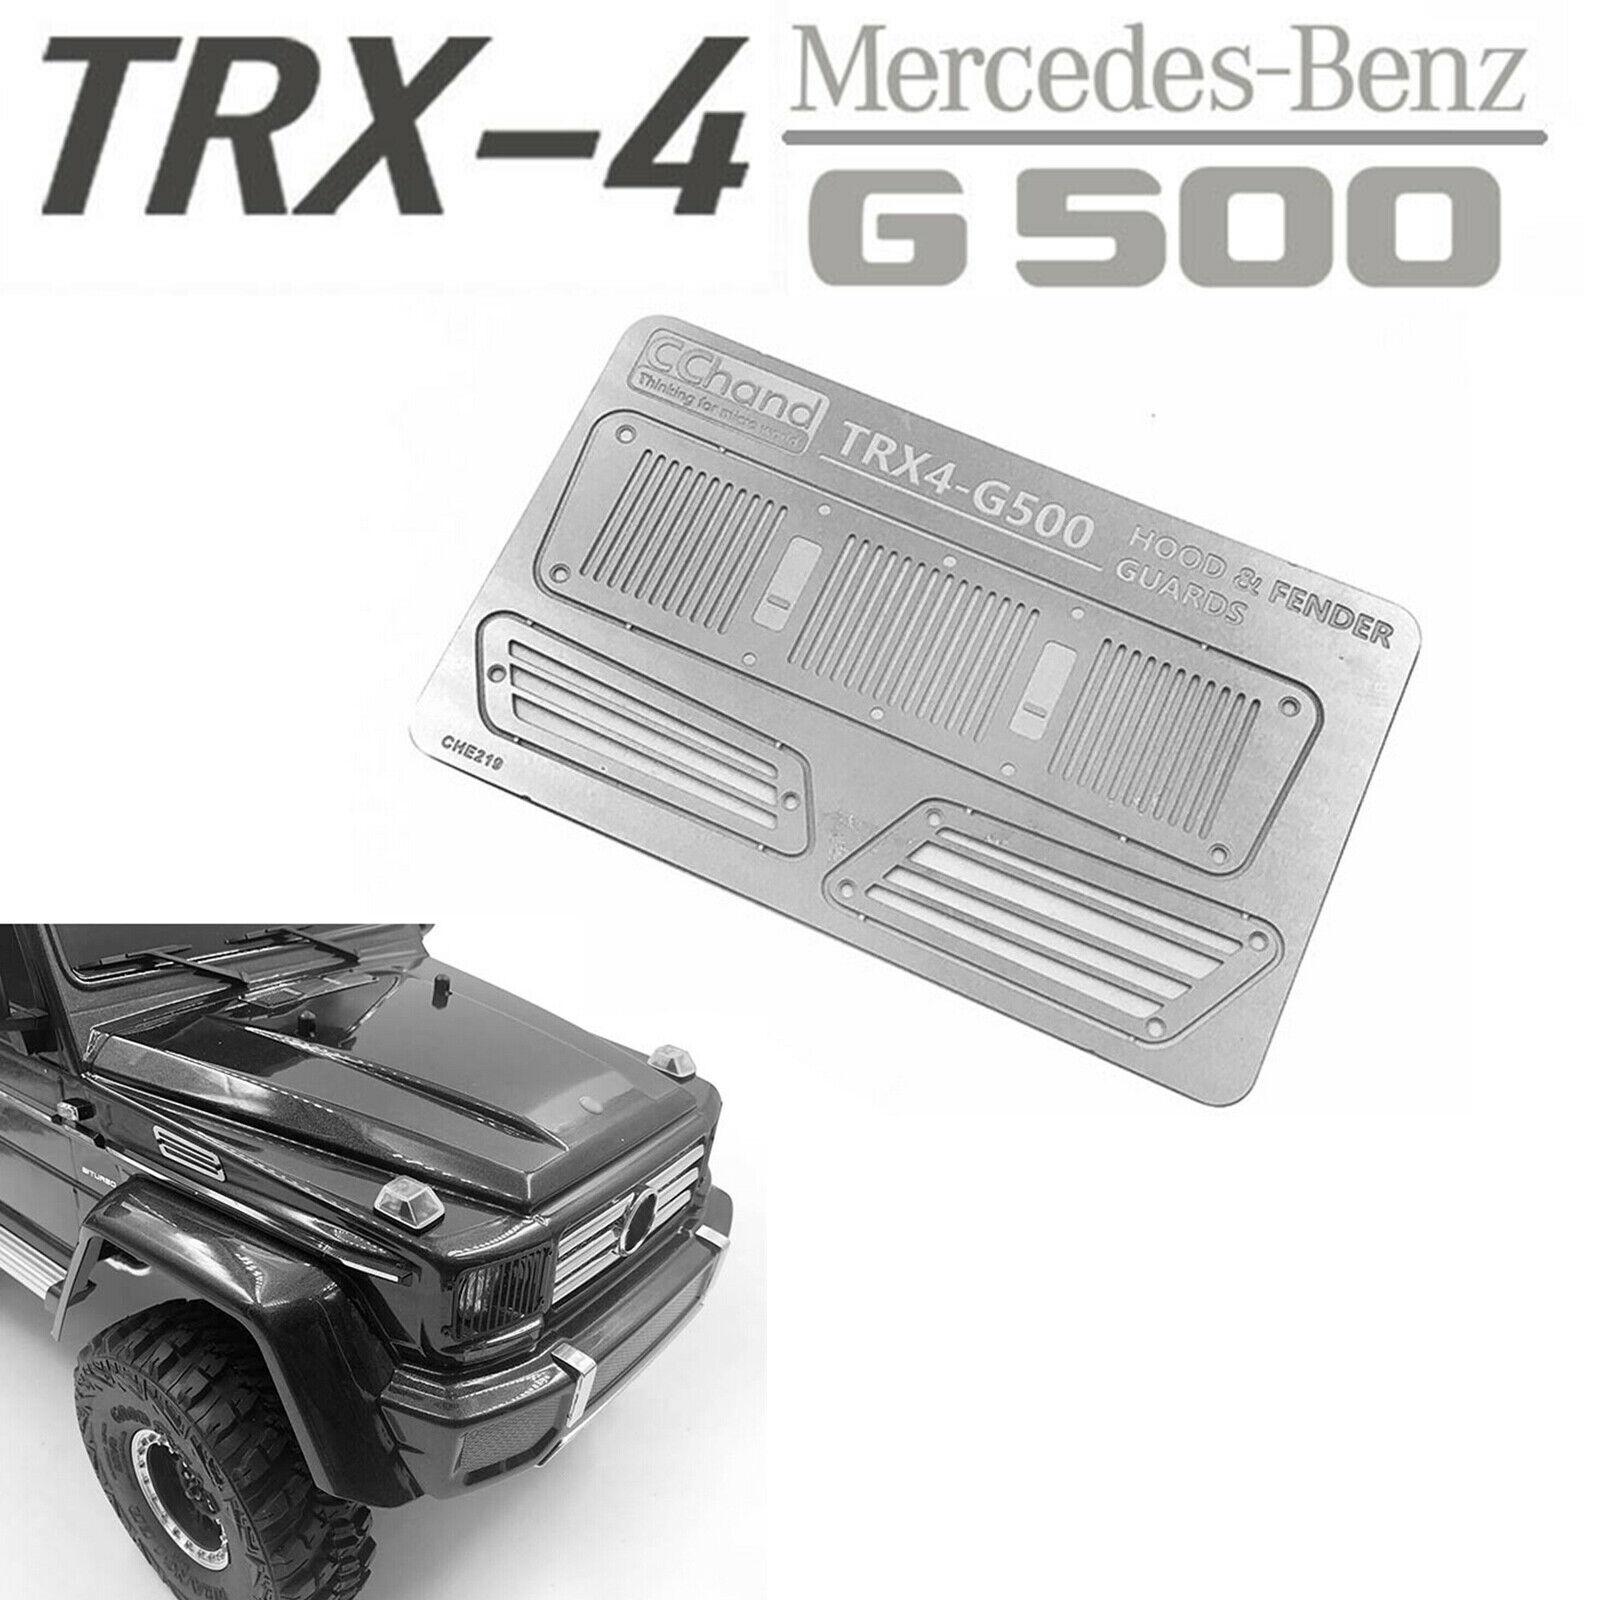 Für TRX-4 TRX-6 Benz 4X4 6X6 G63 G500 RC Auto Zubehör Metall Intake Grille Cover